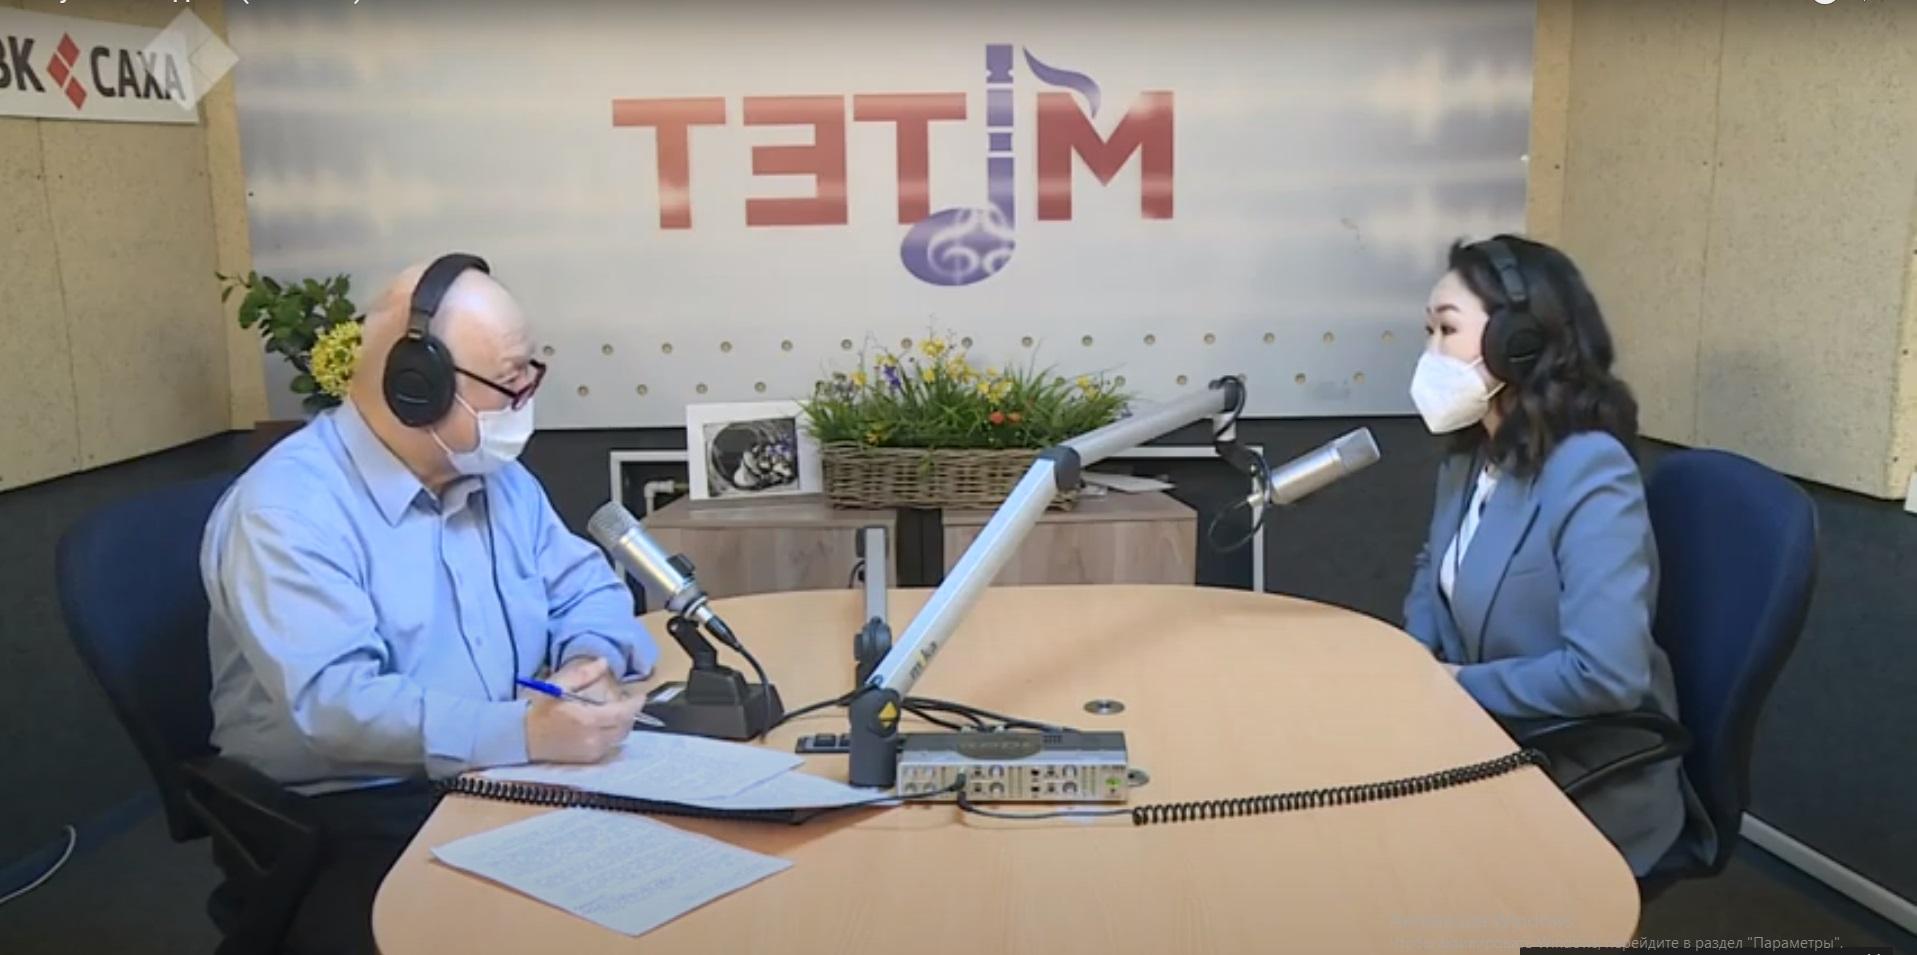 """Обсуждение ревматических болезней в прямом эфире """"Якутск сегодня"""" в Национальной вещательной компании """"Саха"""""""